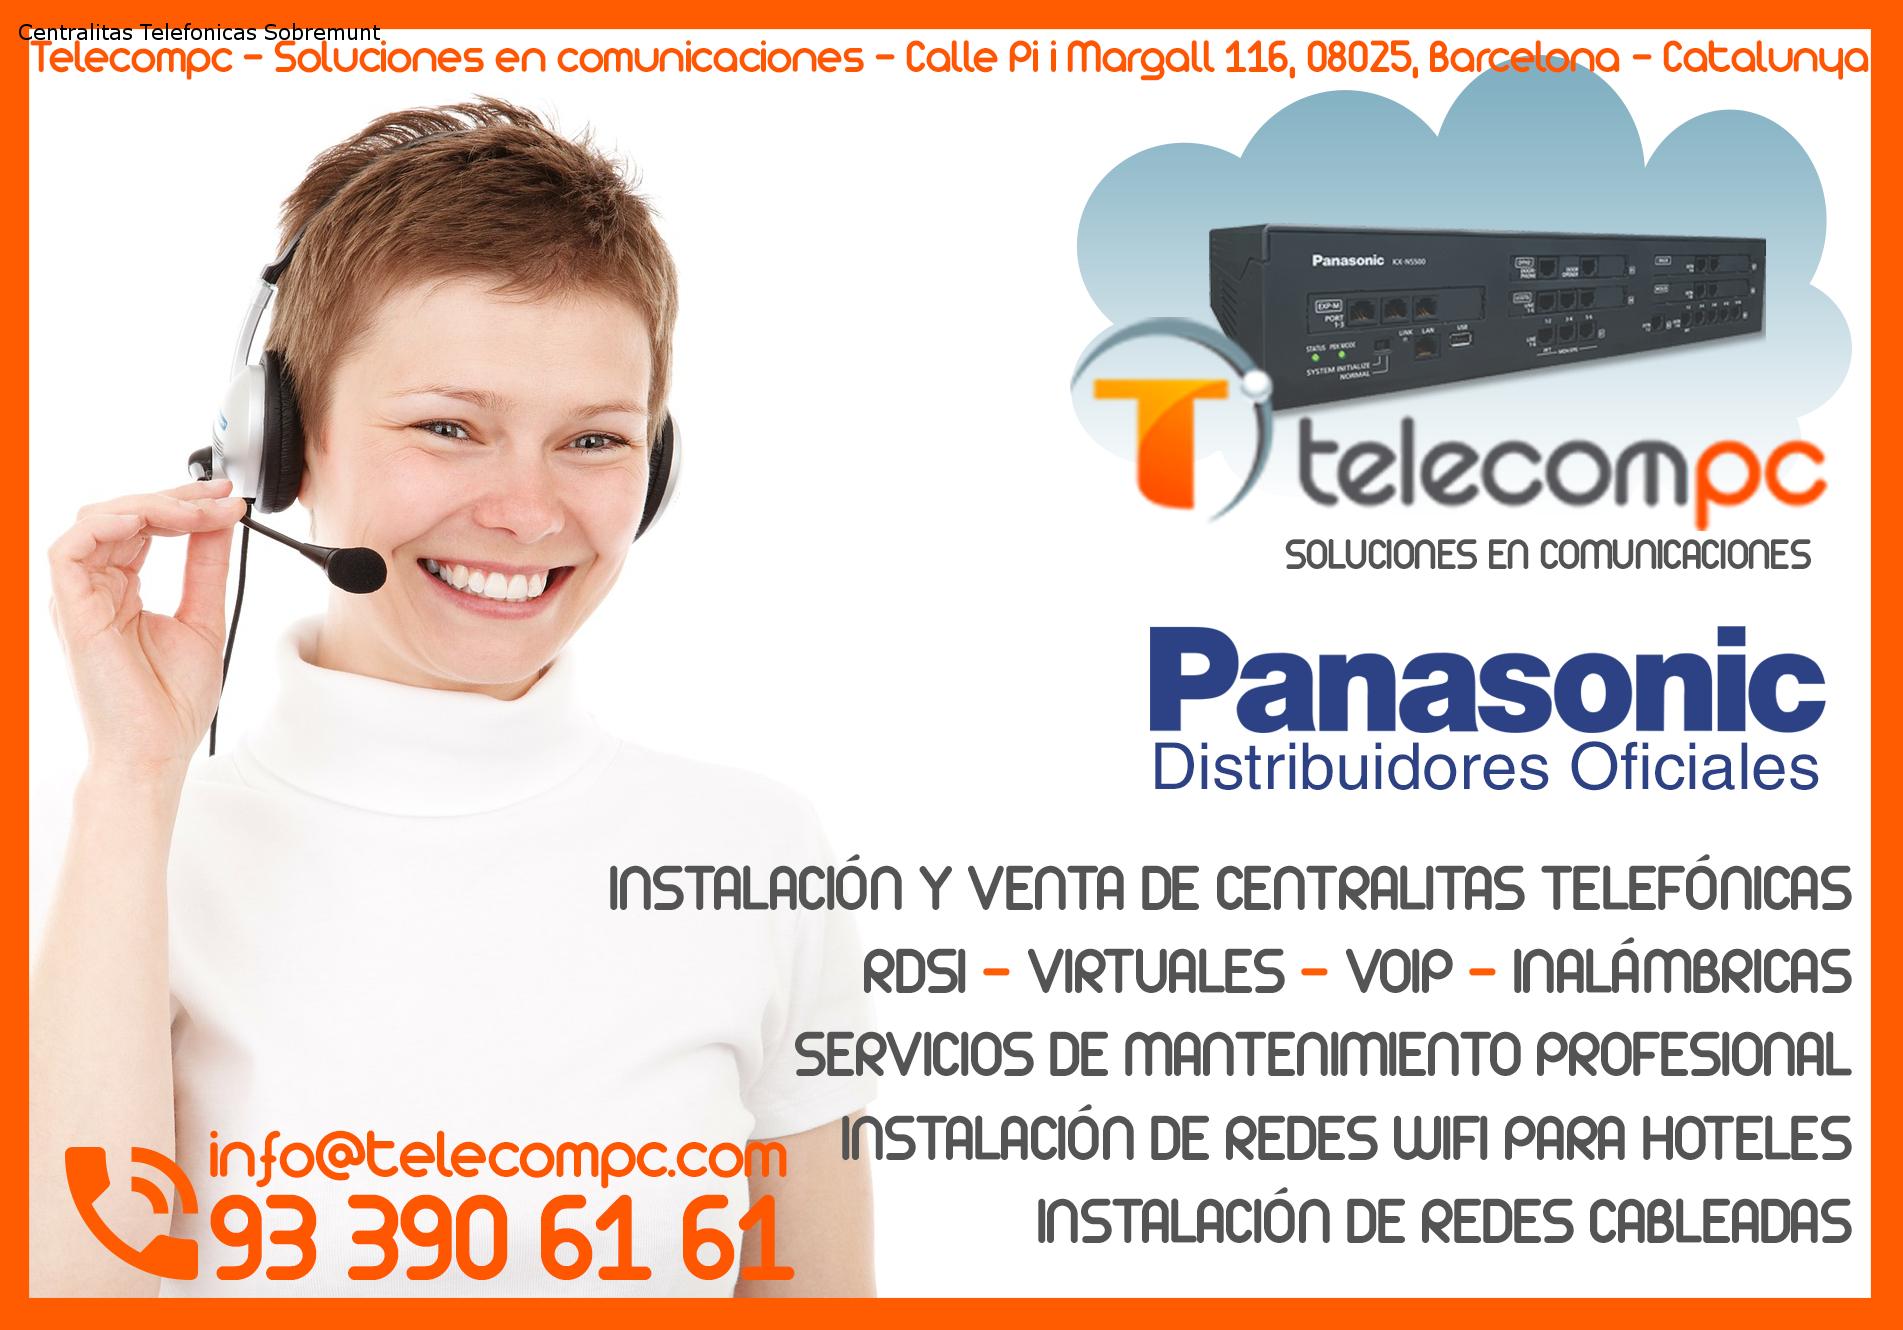 Centralitas Telefonicas Sobremunt